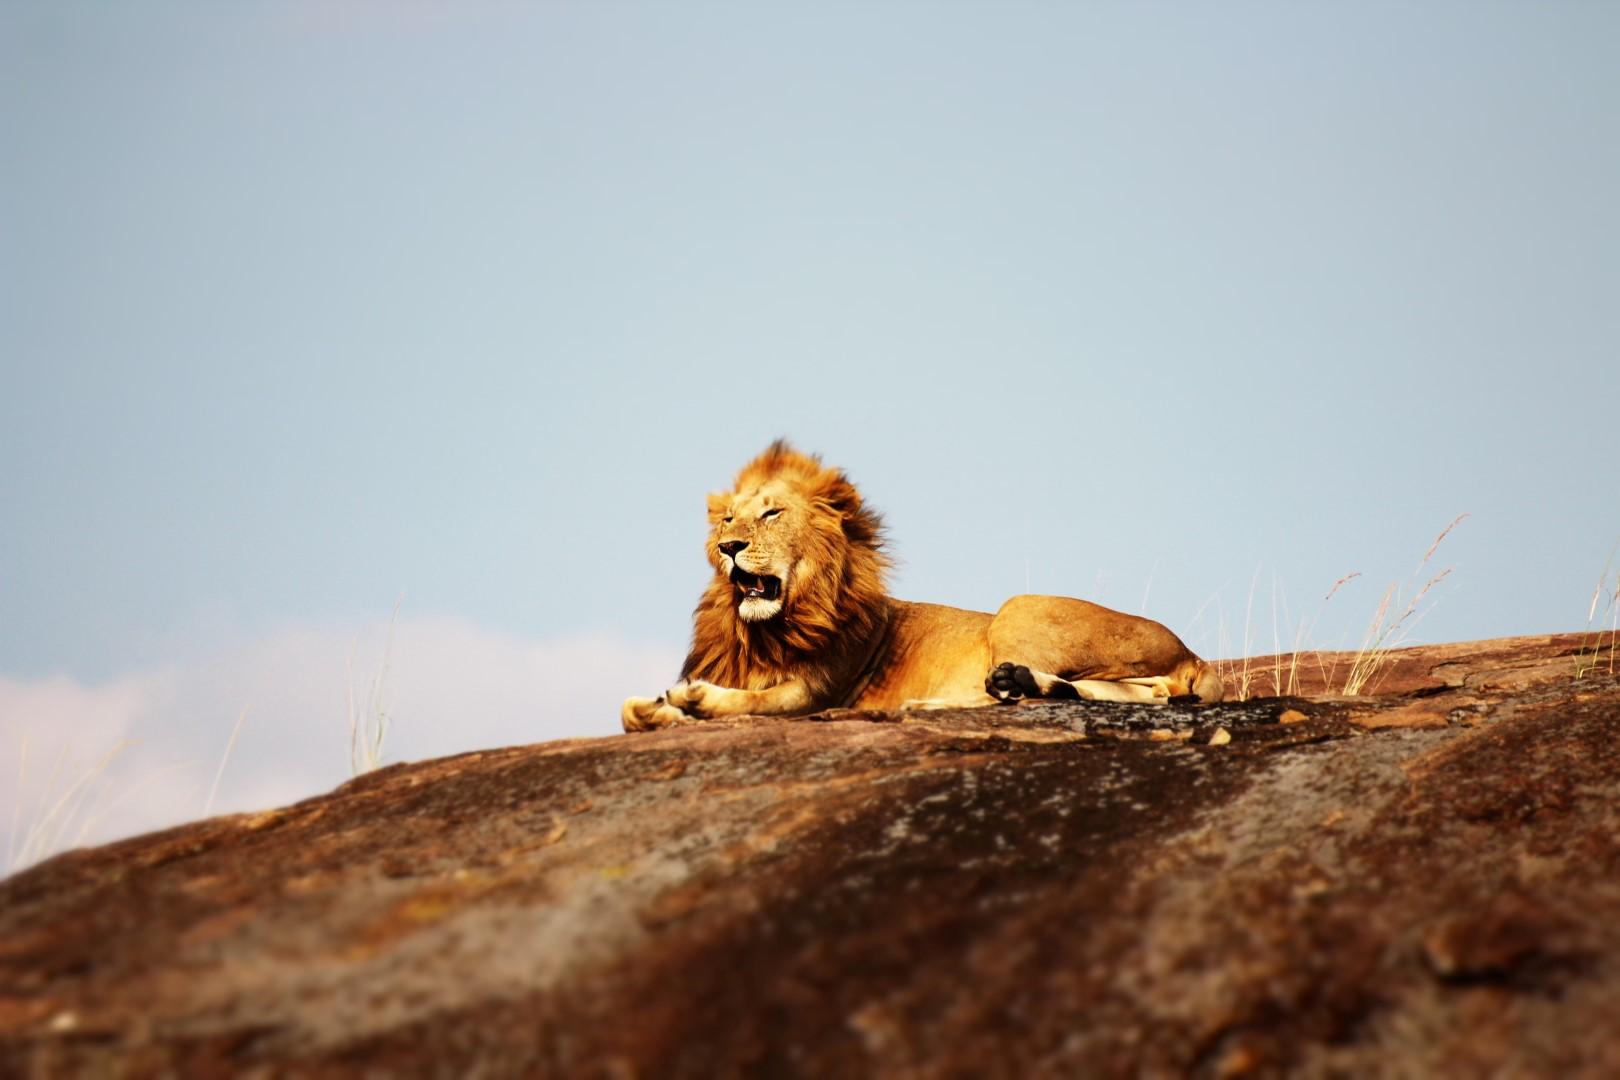 Тур-сафари-Танзания-Африка